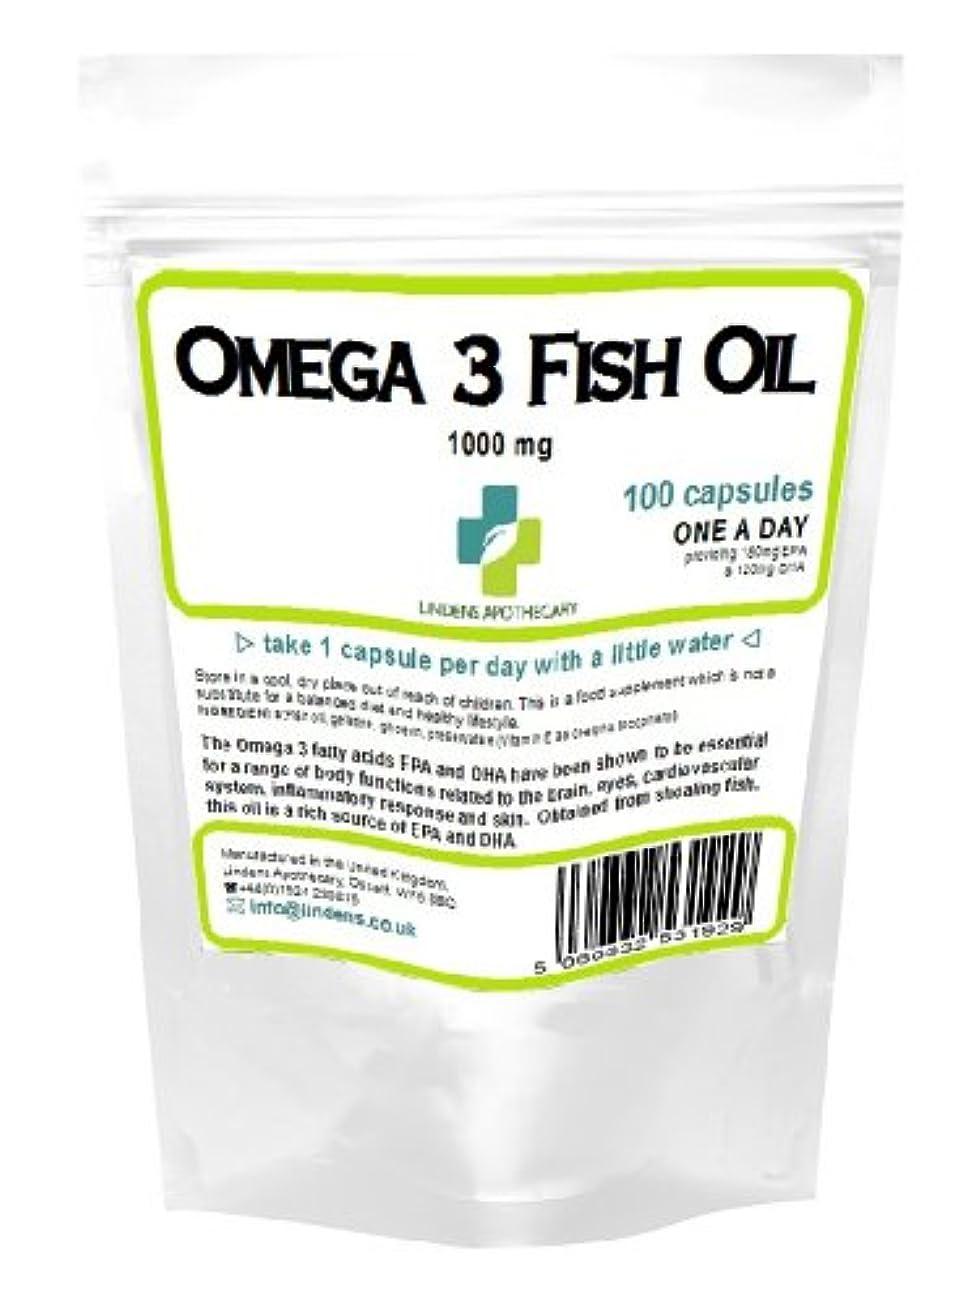 しばしば湿気の多い状オメガ3フィッシュオイル100カプセル1000ミリグラム品質のソフトジェル